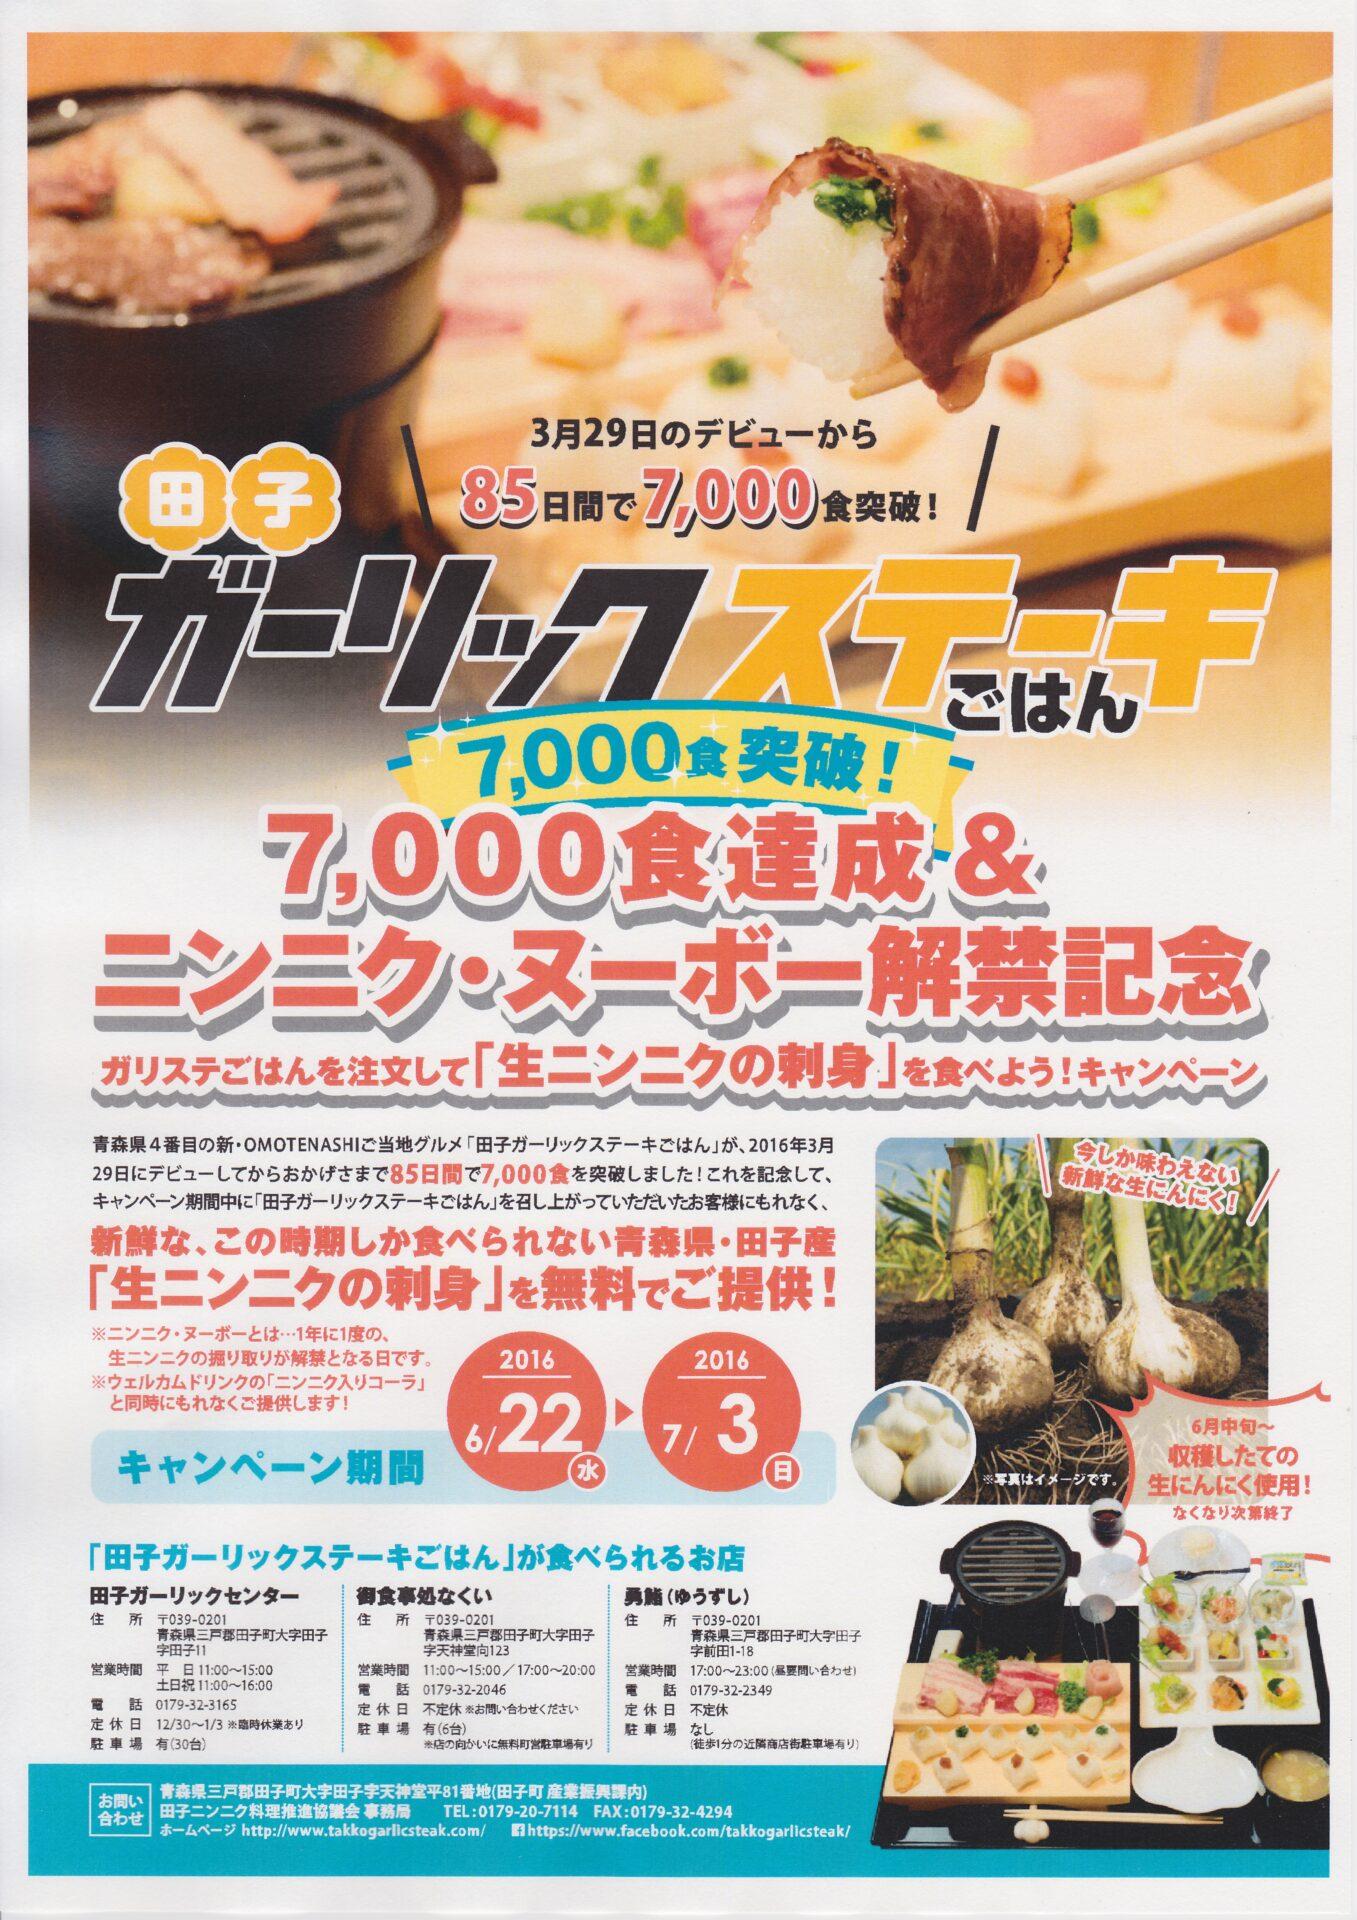 7,000食キャンペーン